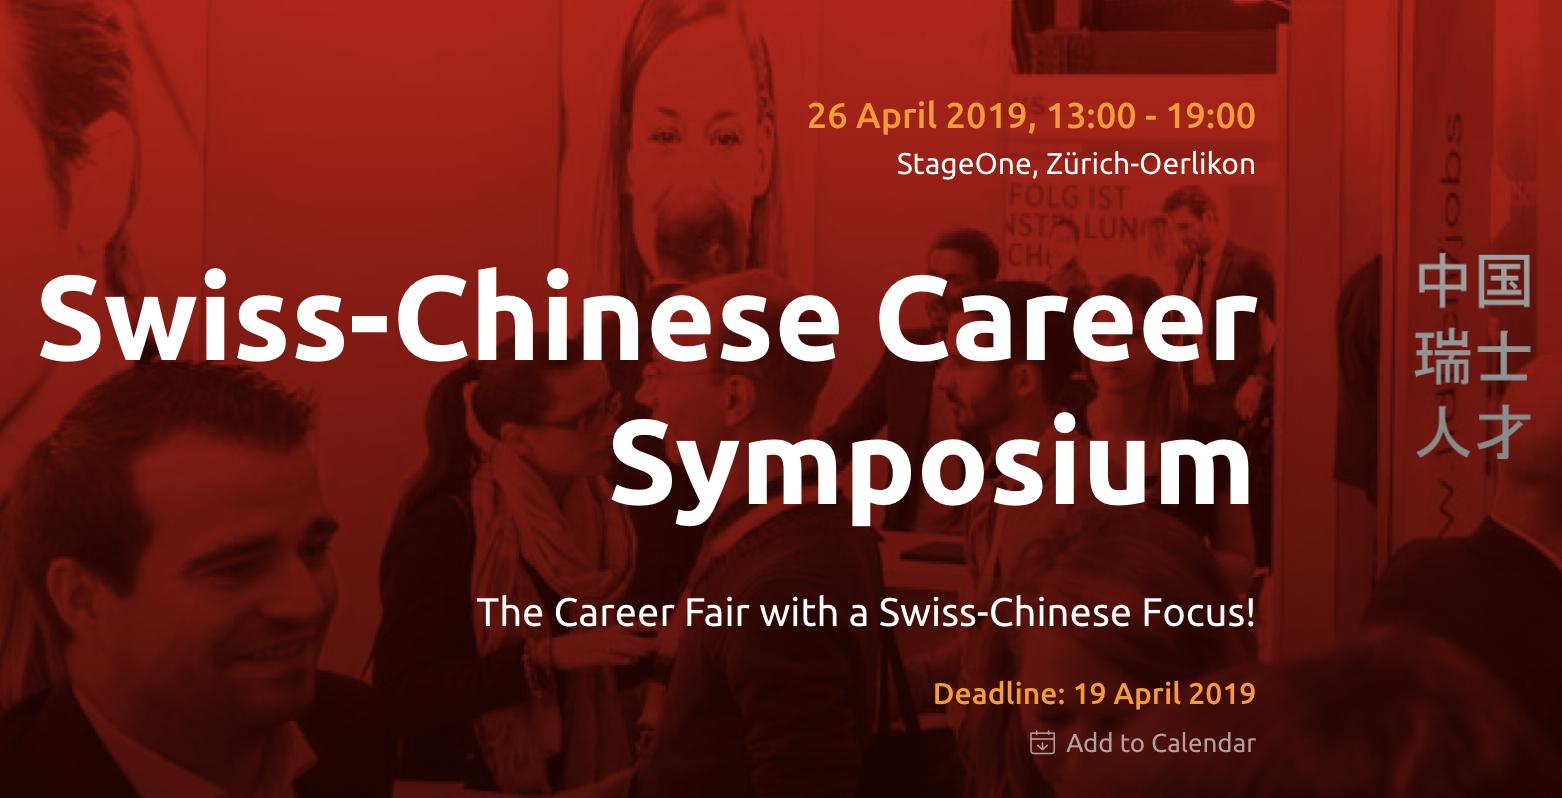 Swiss-Chinese Career Sypmosium